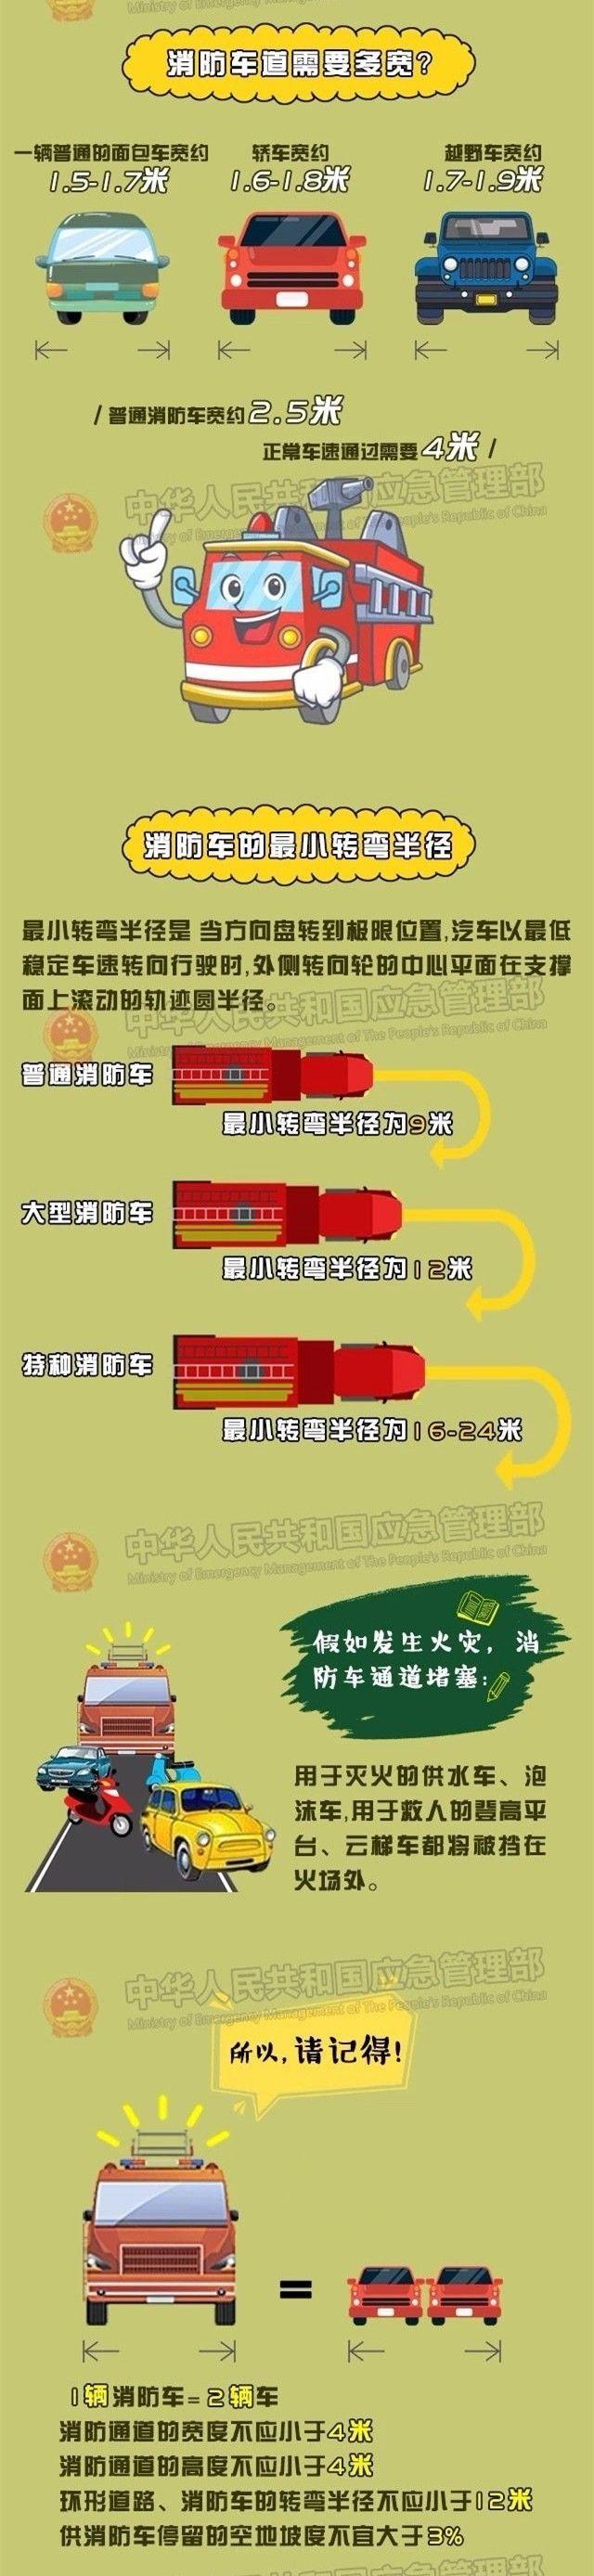 多盈娱乐平台客户端,快递、外卖小哥注意了!深圳将对非机动车实行12分管理制